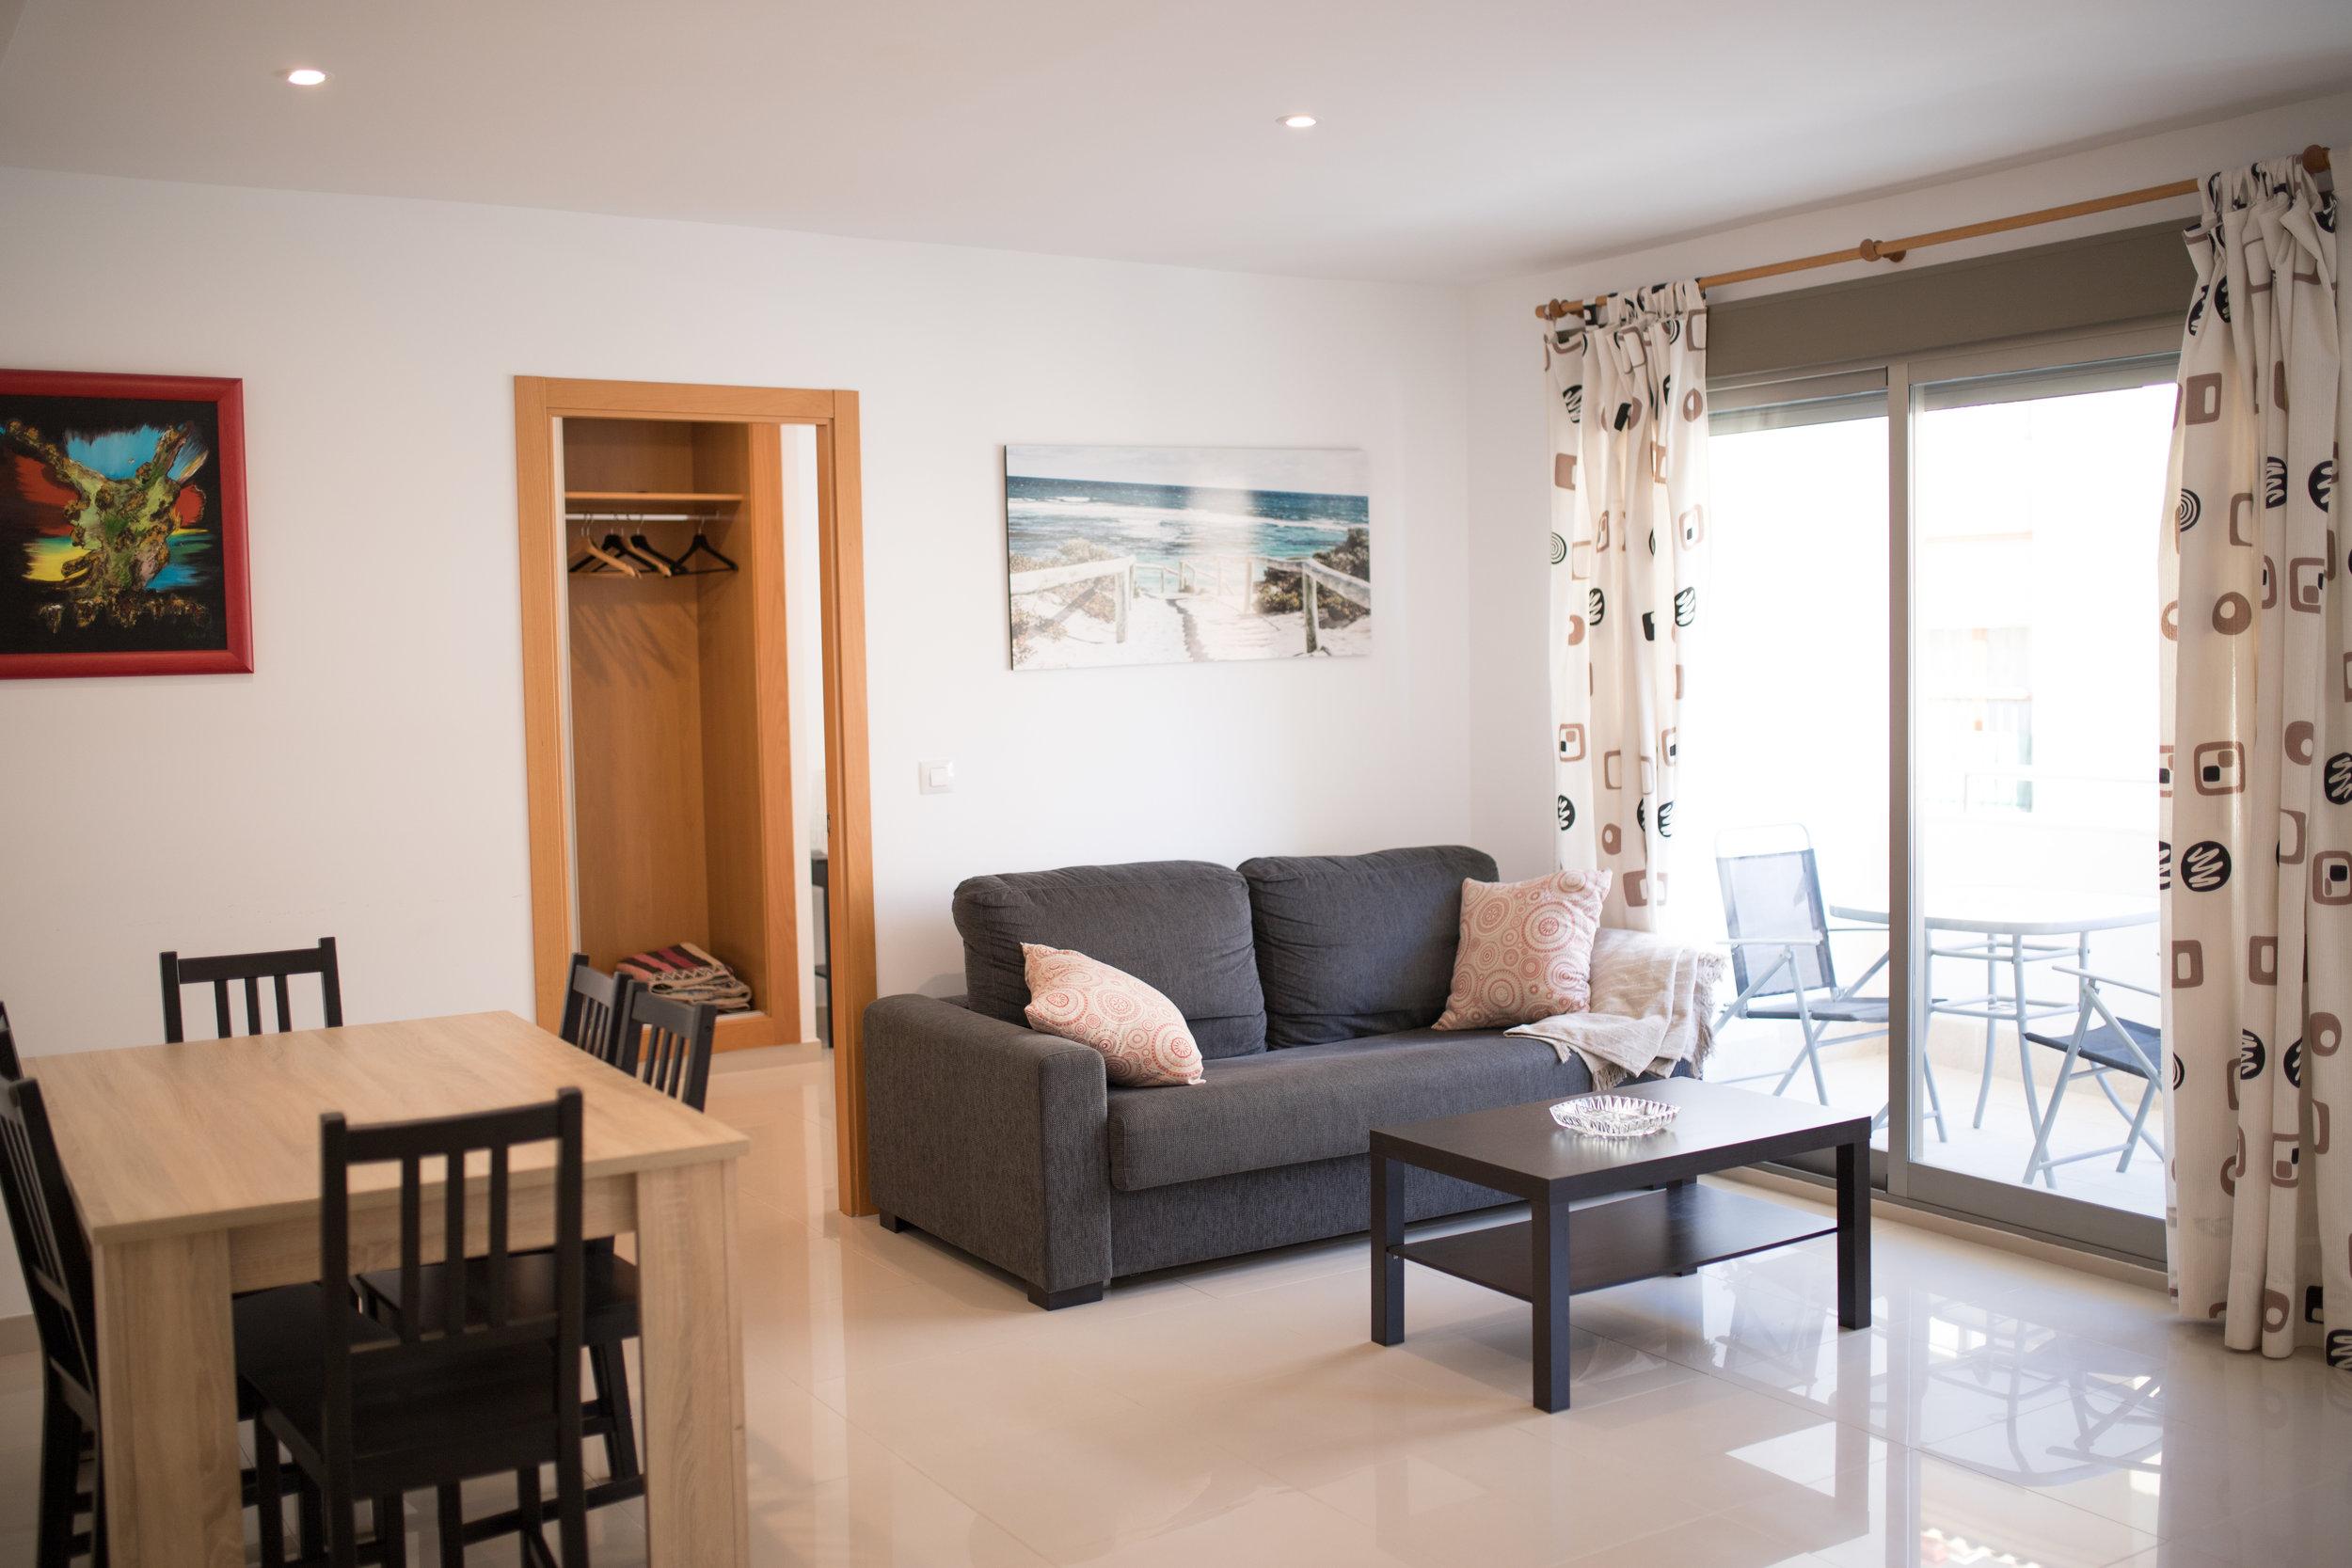 residencial la red apartamento alquiler vacaciones Alicante